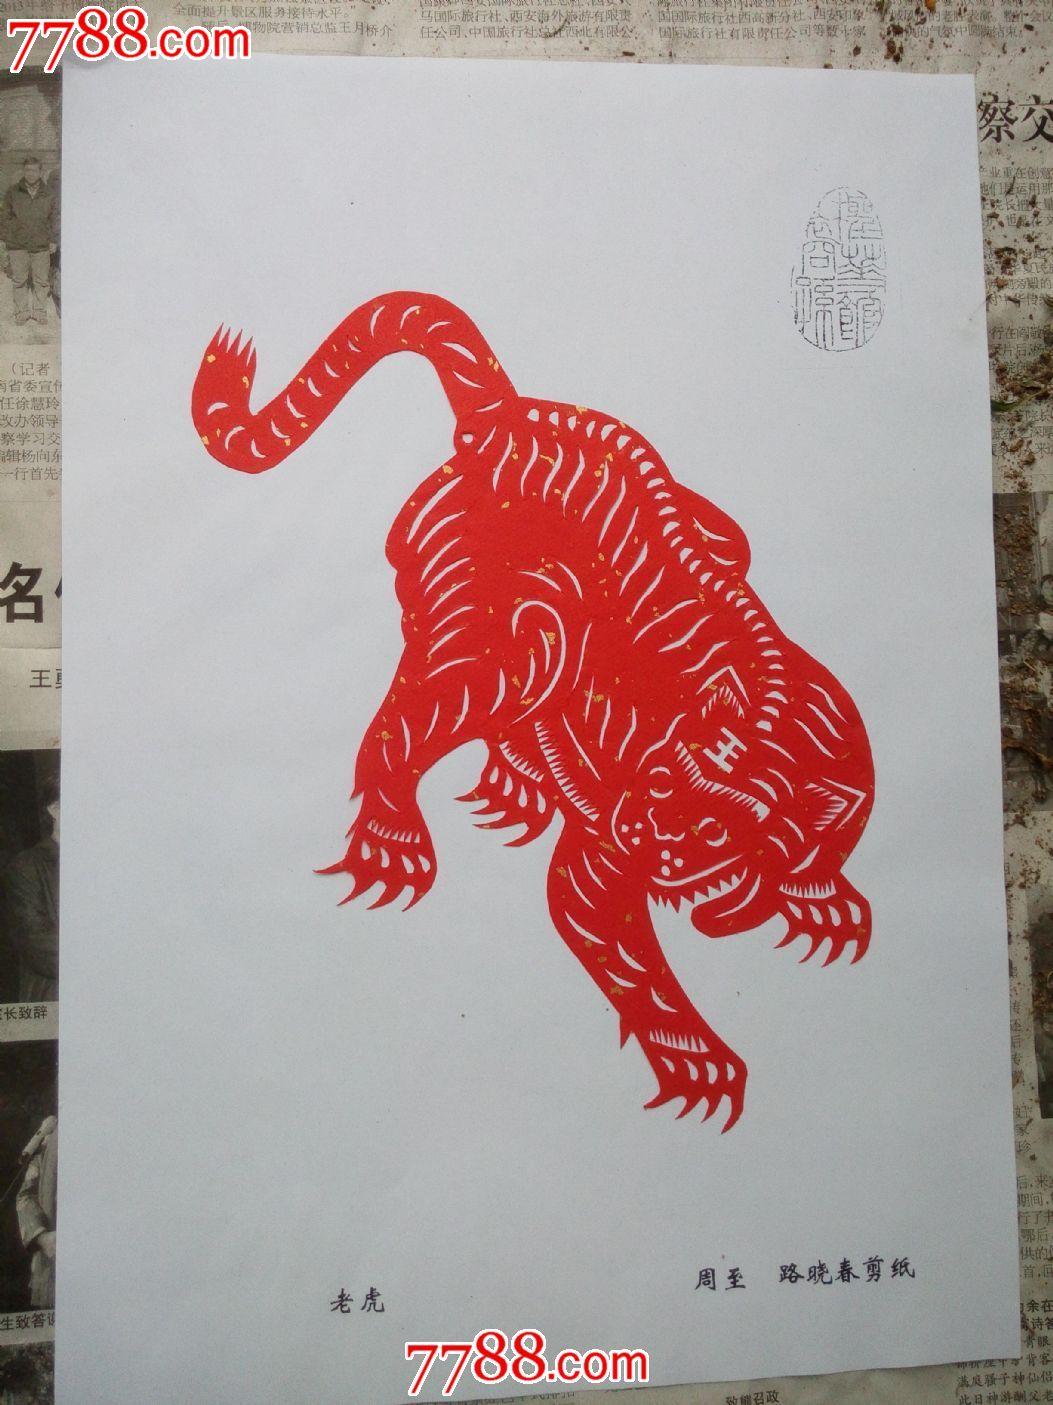 品种: 剪纸/窗花-剪纸/窗花 属性: 2000-2009年,,陕西,,动物,,单件